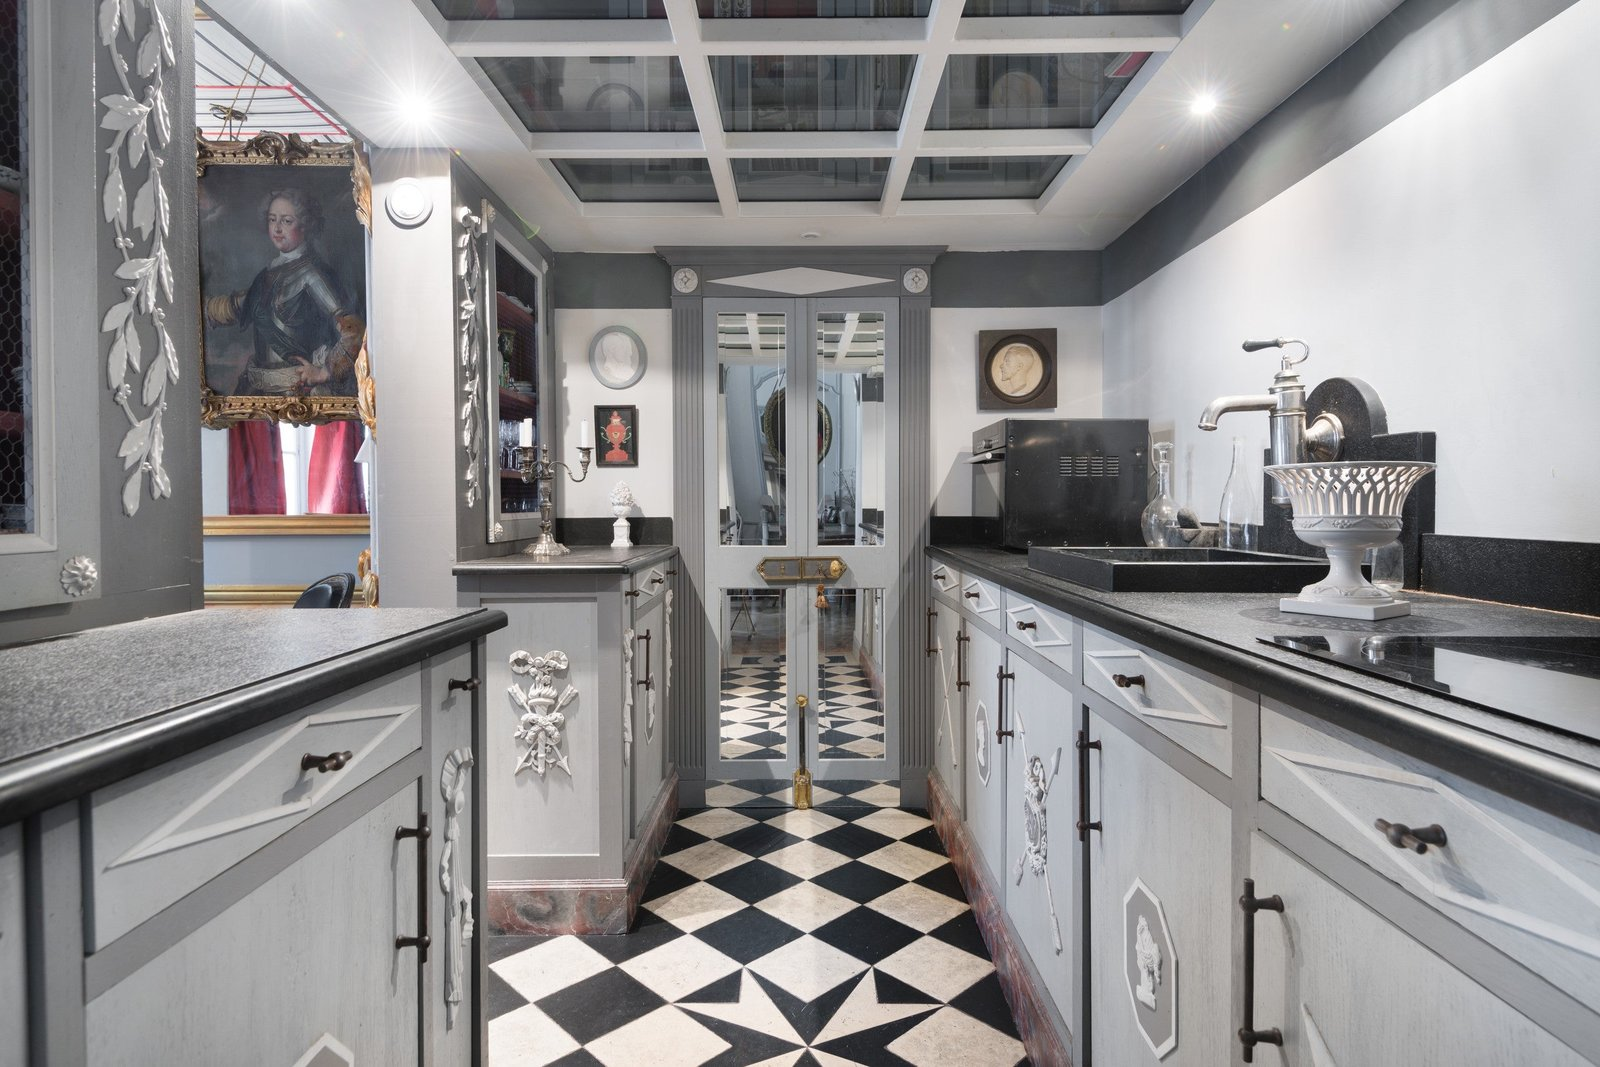 Une cuisine est historique et on adore. Faire de notre patrimoine un décor parfait pour un film.